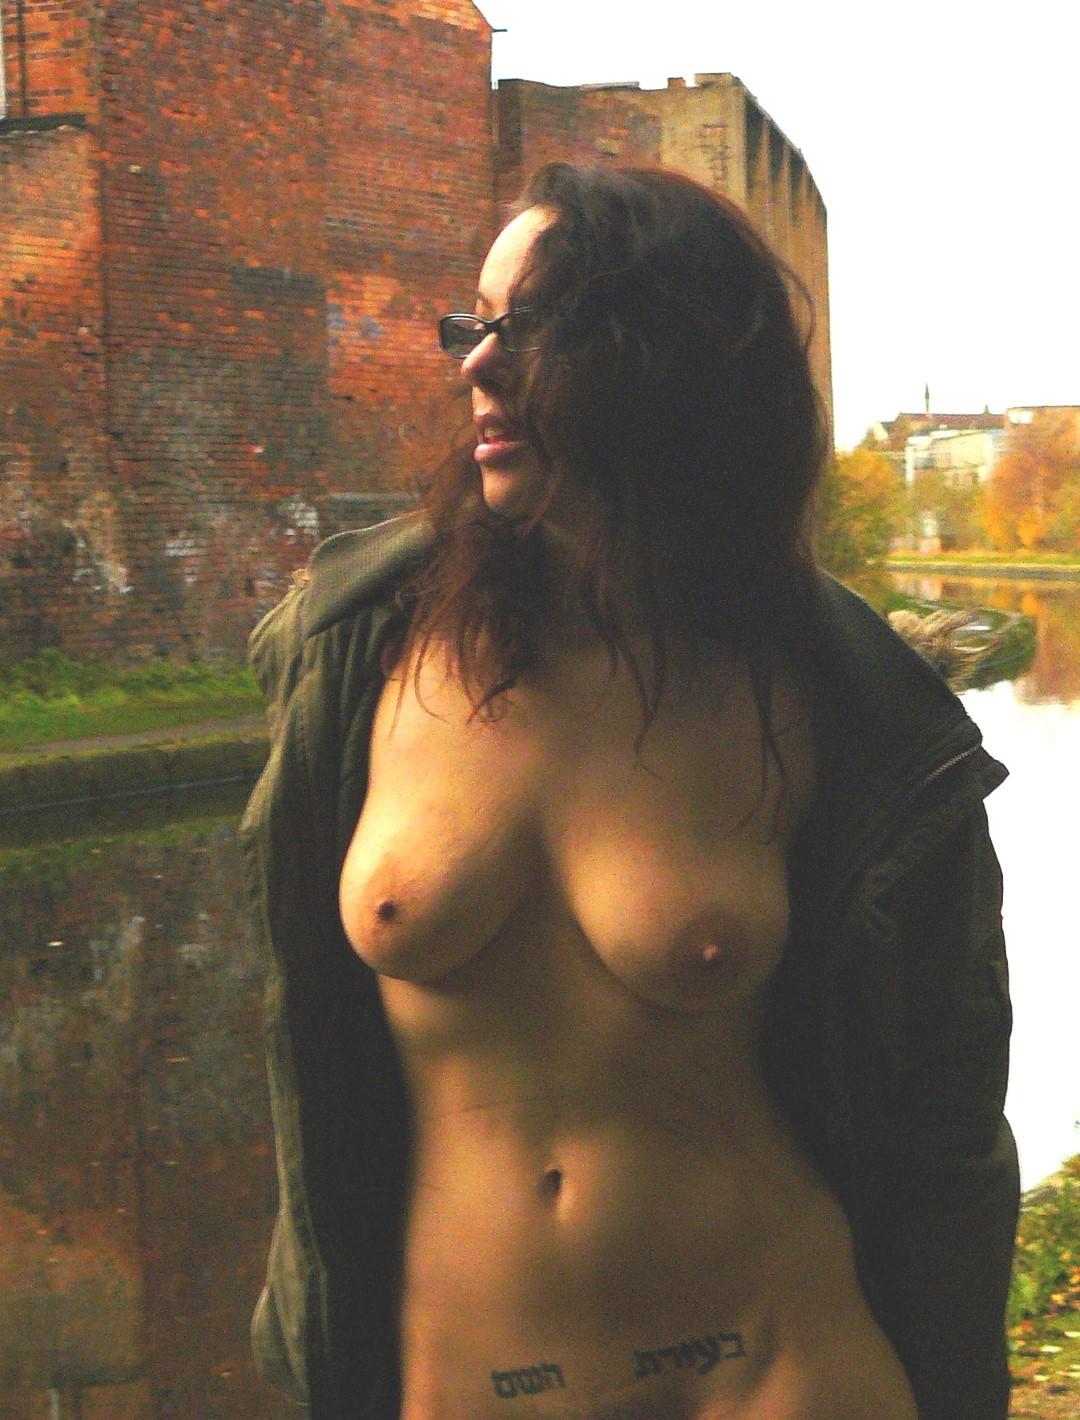 Девушка в очках гуляет по городу накинув плащ на голое тело